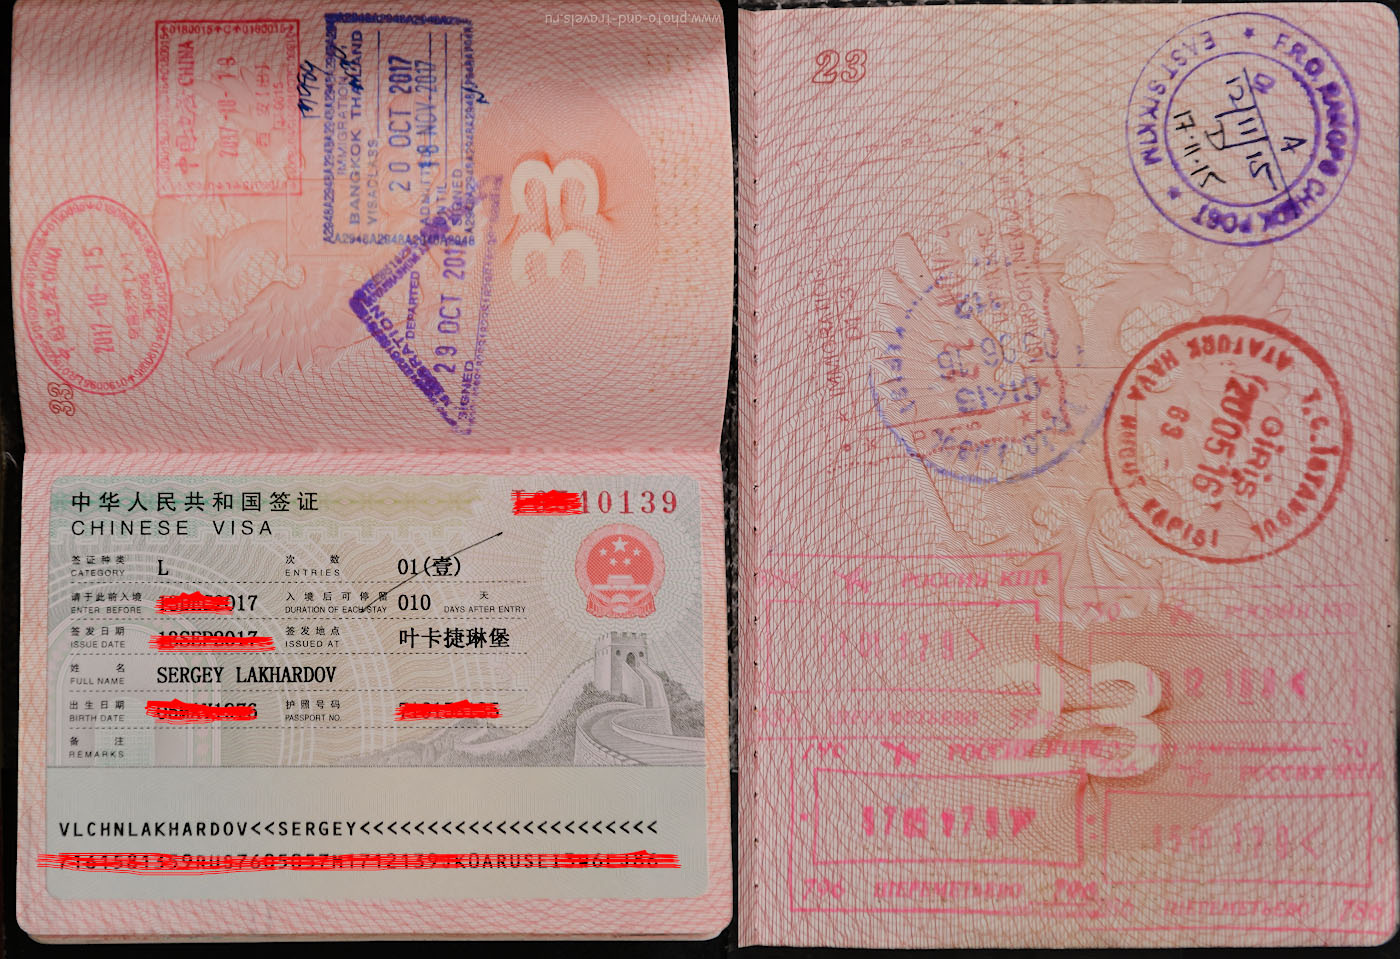 Фото 29. Как получить китайскую визу (слева виза и штампы Китая, Таиланда). Турецкий штамп (см. круглый на странице справа) может стать проблемой при путешествии в Китай. 1/160, +0.33, 4.0, 2800, 70.